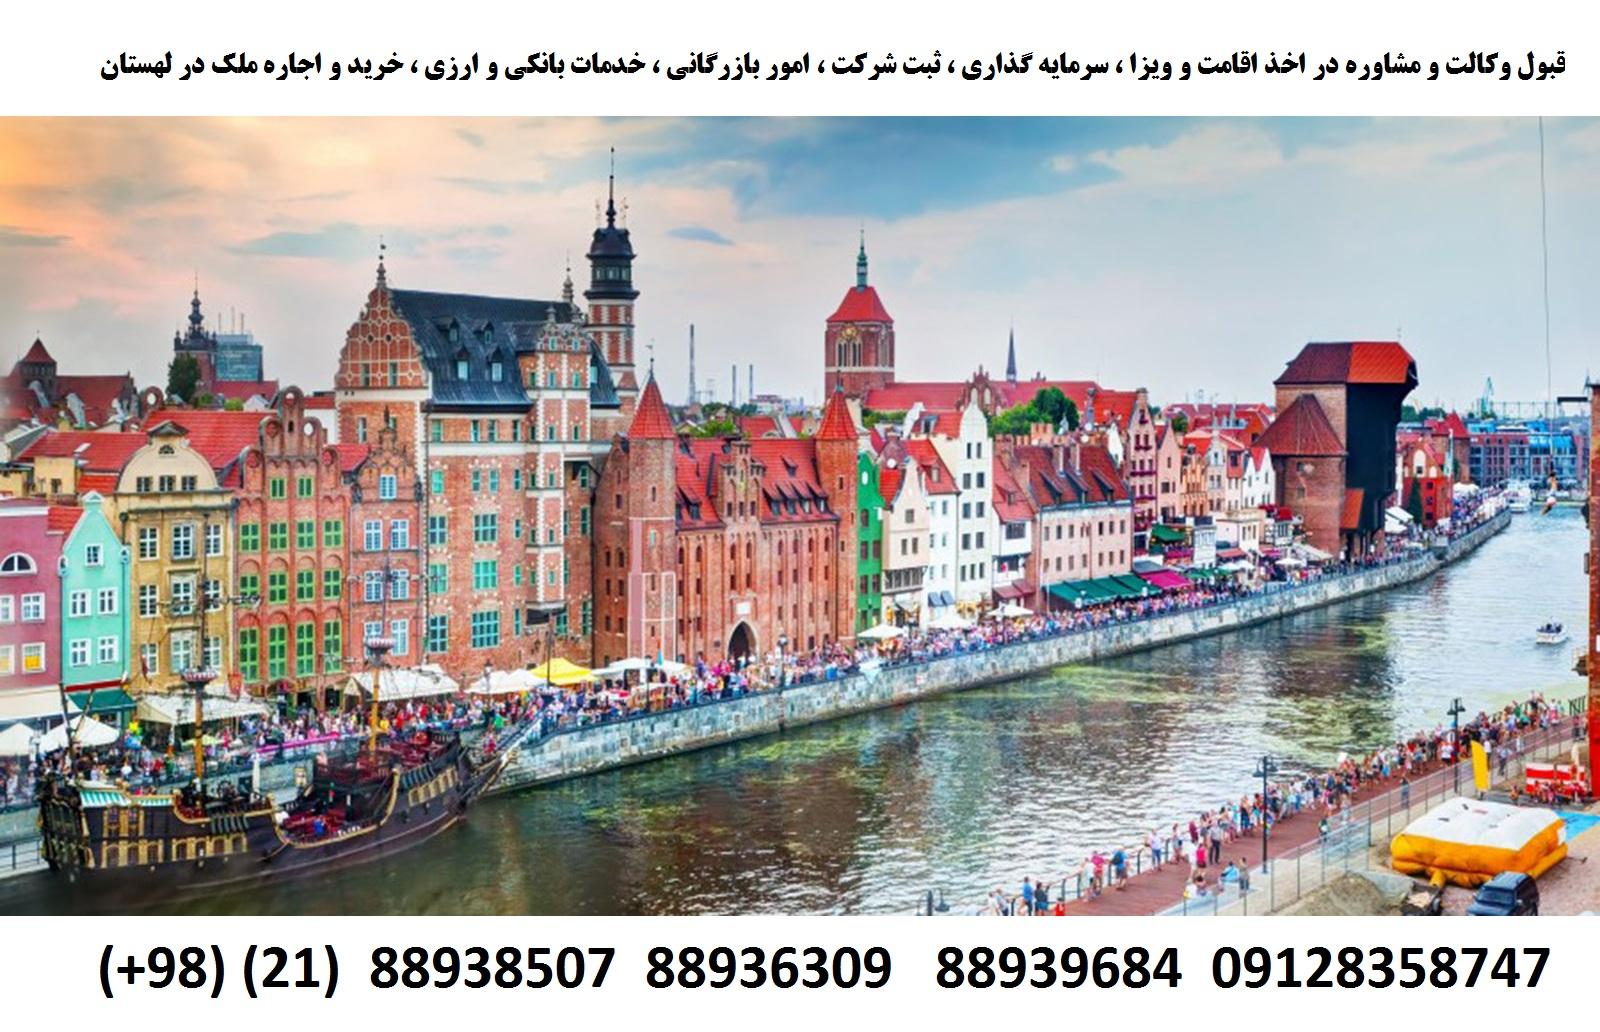 اقامت ، ویزا، ثبت شرکت ، سرمایه گذاری در لهستان (5)